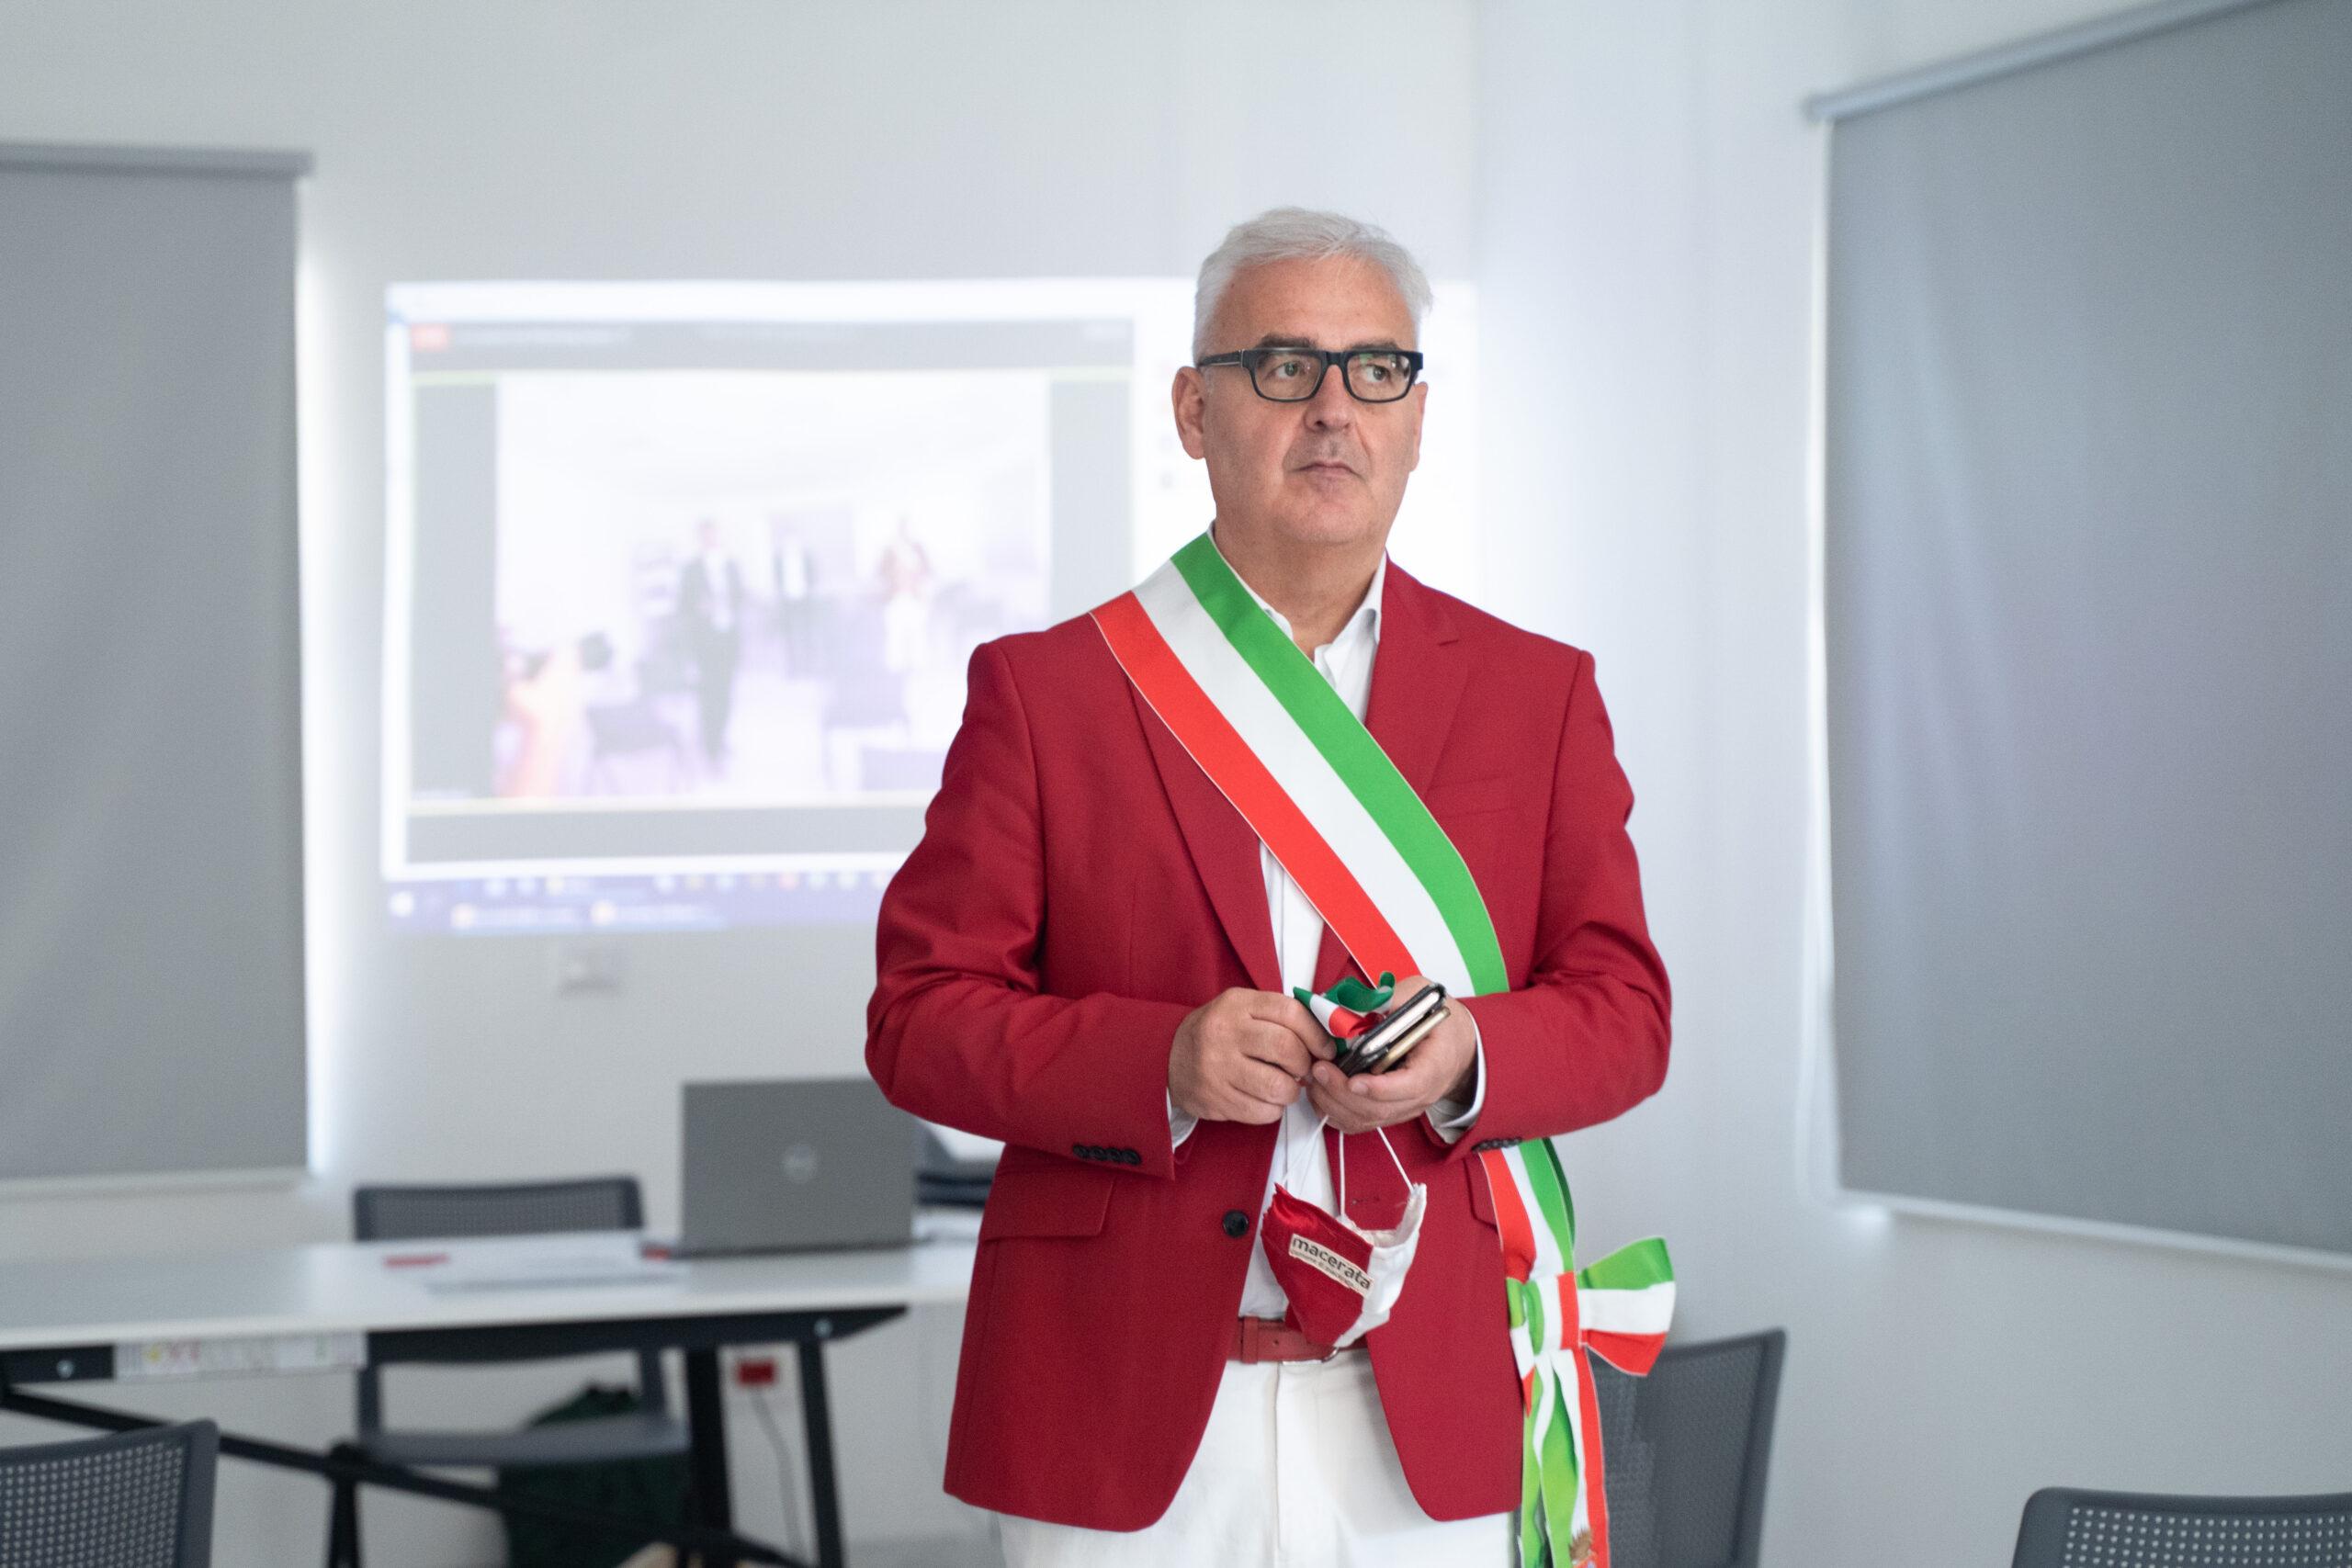 Romano Carancini Sindaco di Macerata con la fascia tricolore